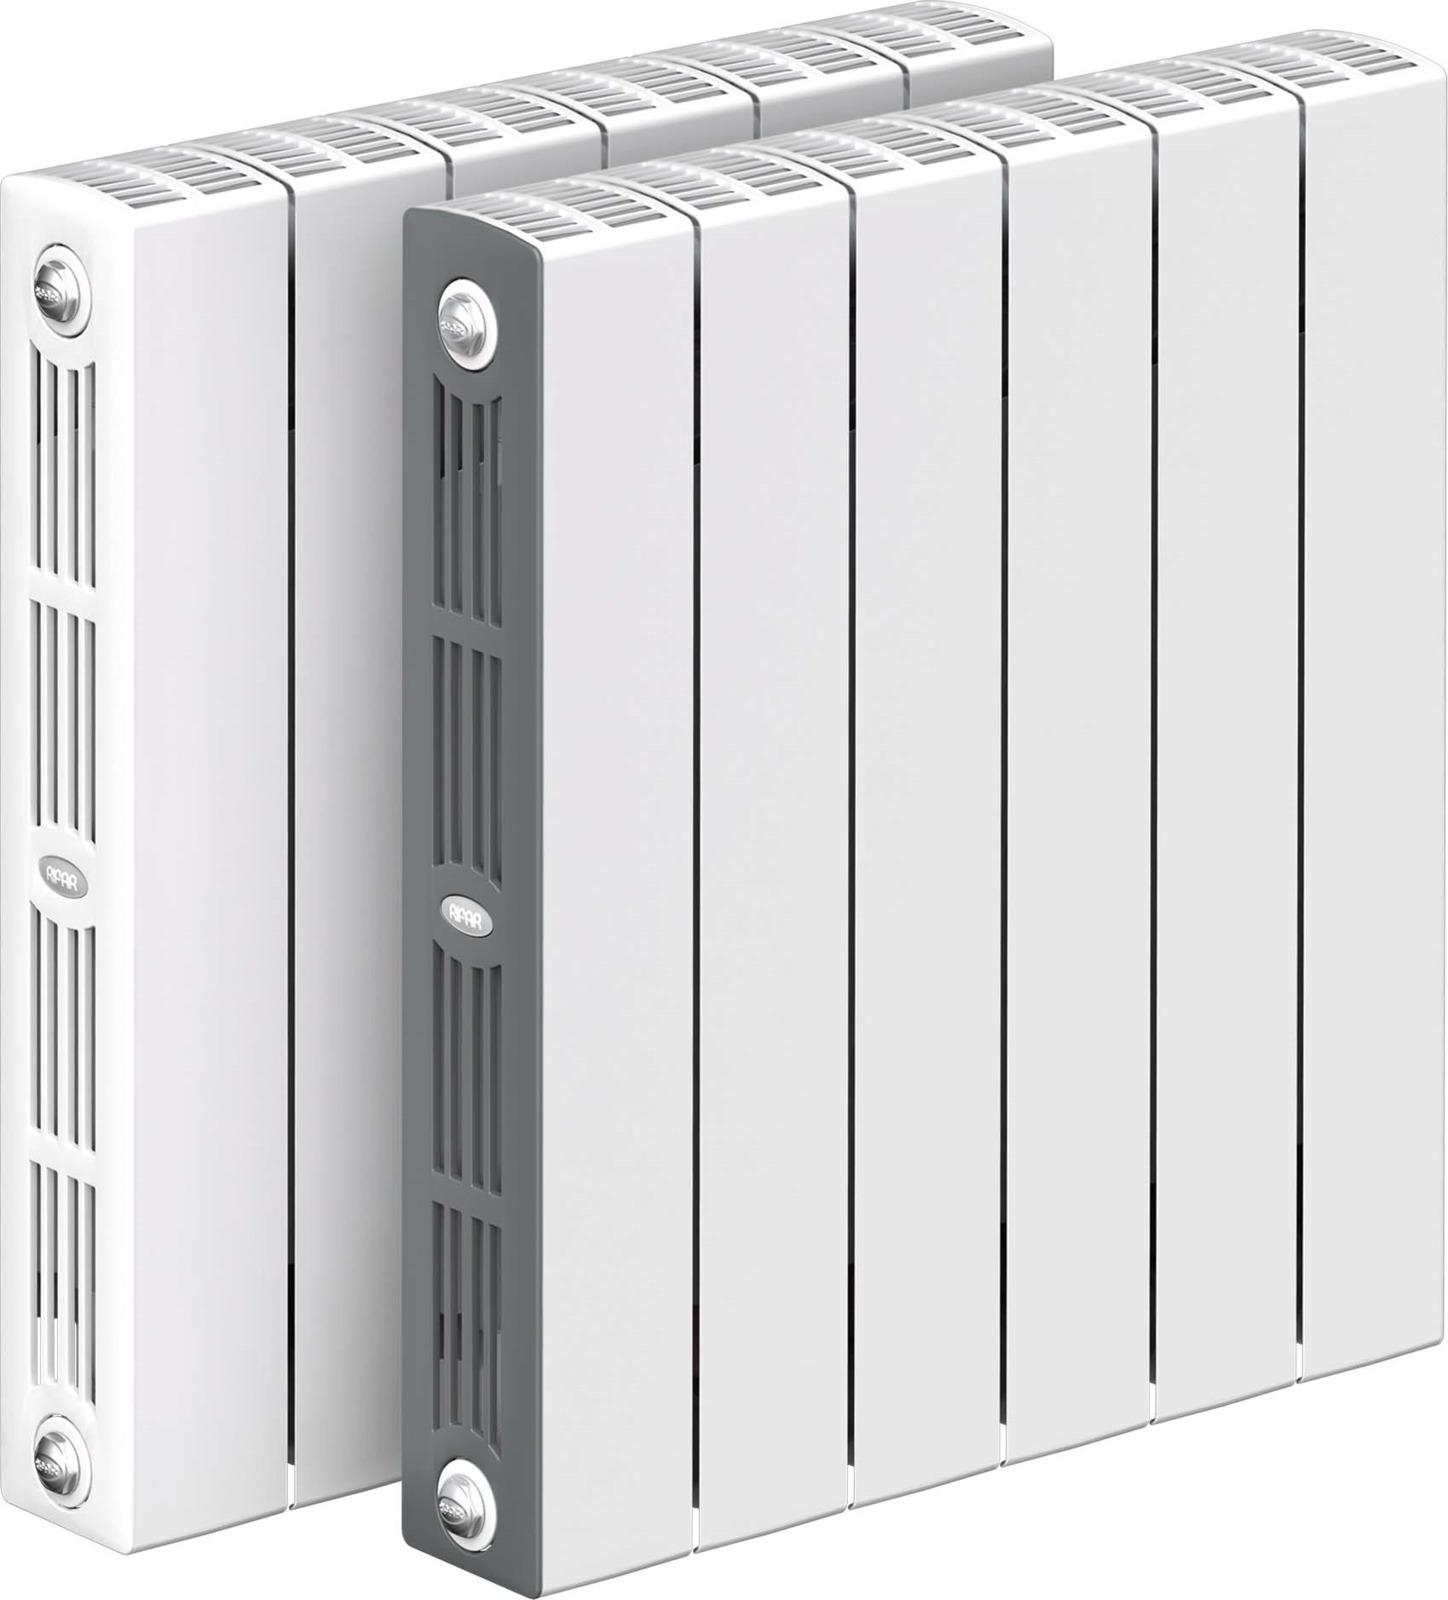 Секционный радиатор Rifar Supremo 500, биметаллический, RIFAR S 500-4, белый, 4 секции kermi profil k profil k fk o 12 400 400 радиатор стальной панельный боковое подключение белый ral 9016